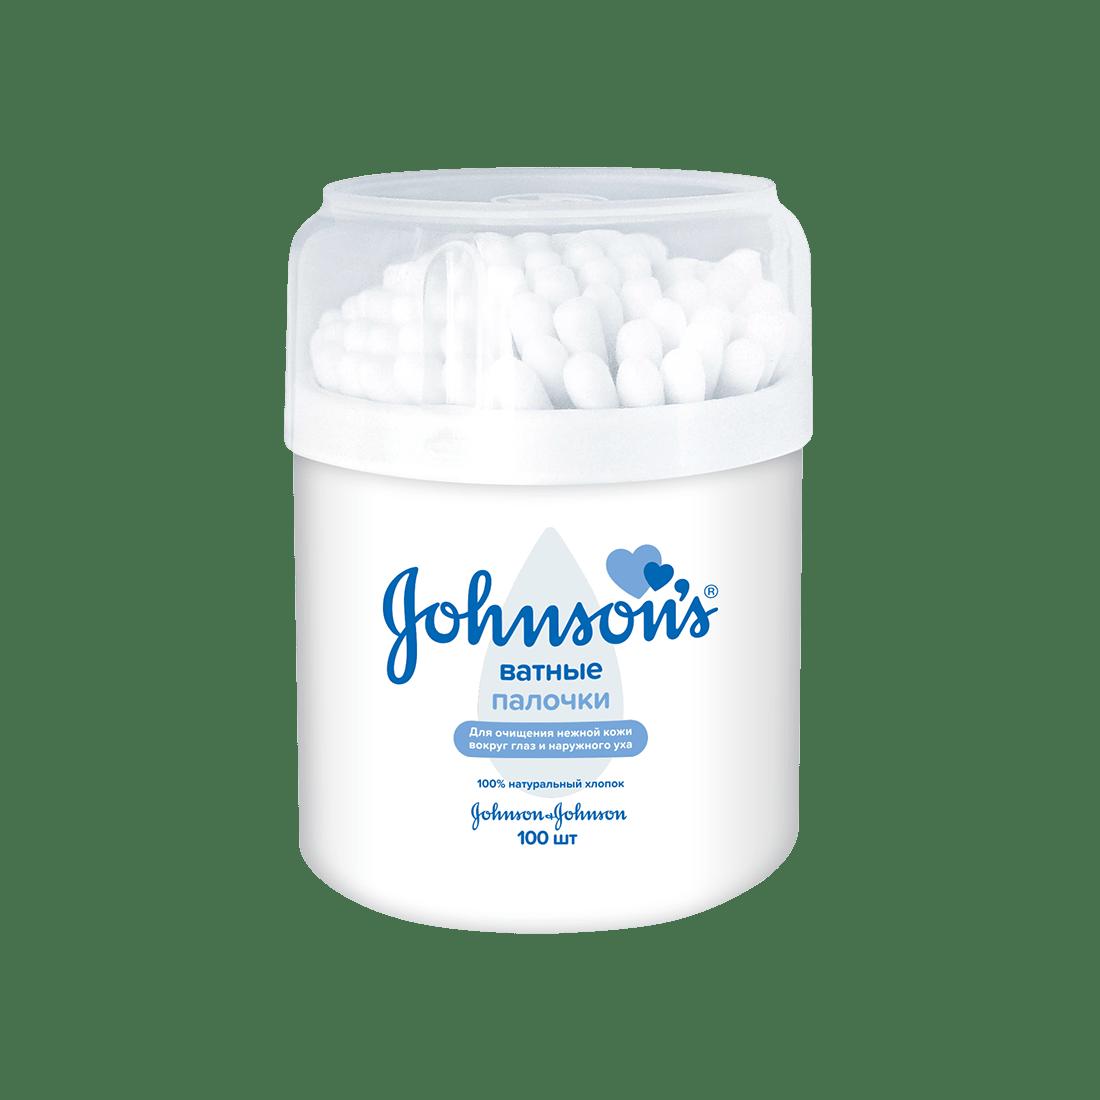 ватные палочки Johnson's®: вид спереди